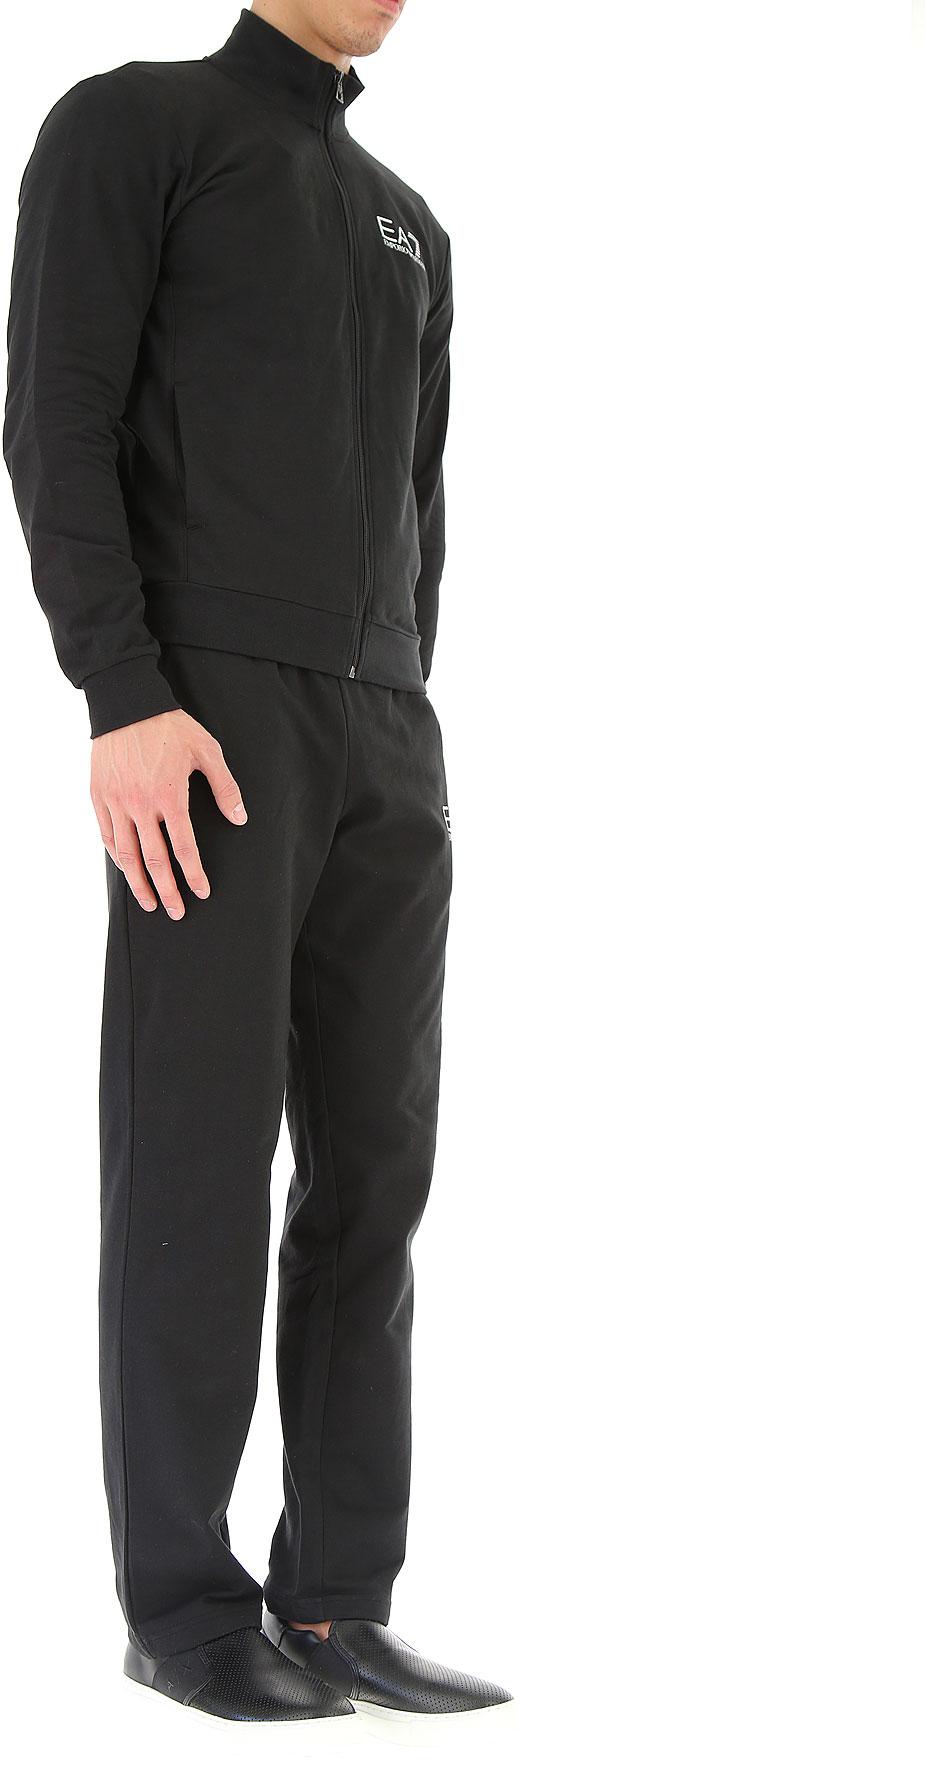 Abbigliamento Uomo Emporio Armani, Codice Articolo: 3zpv53-pj05z-1200